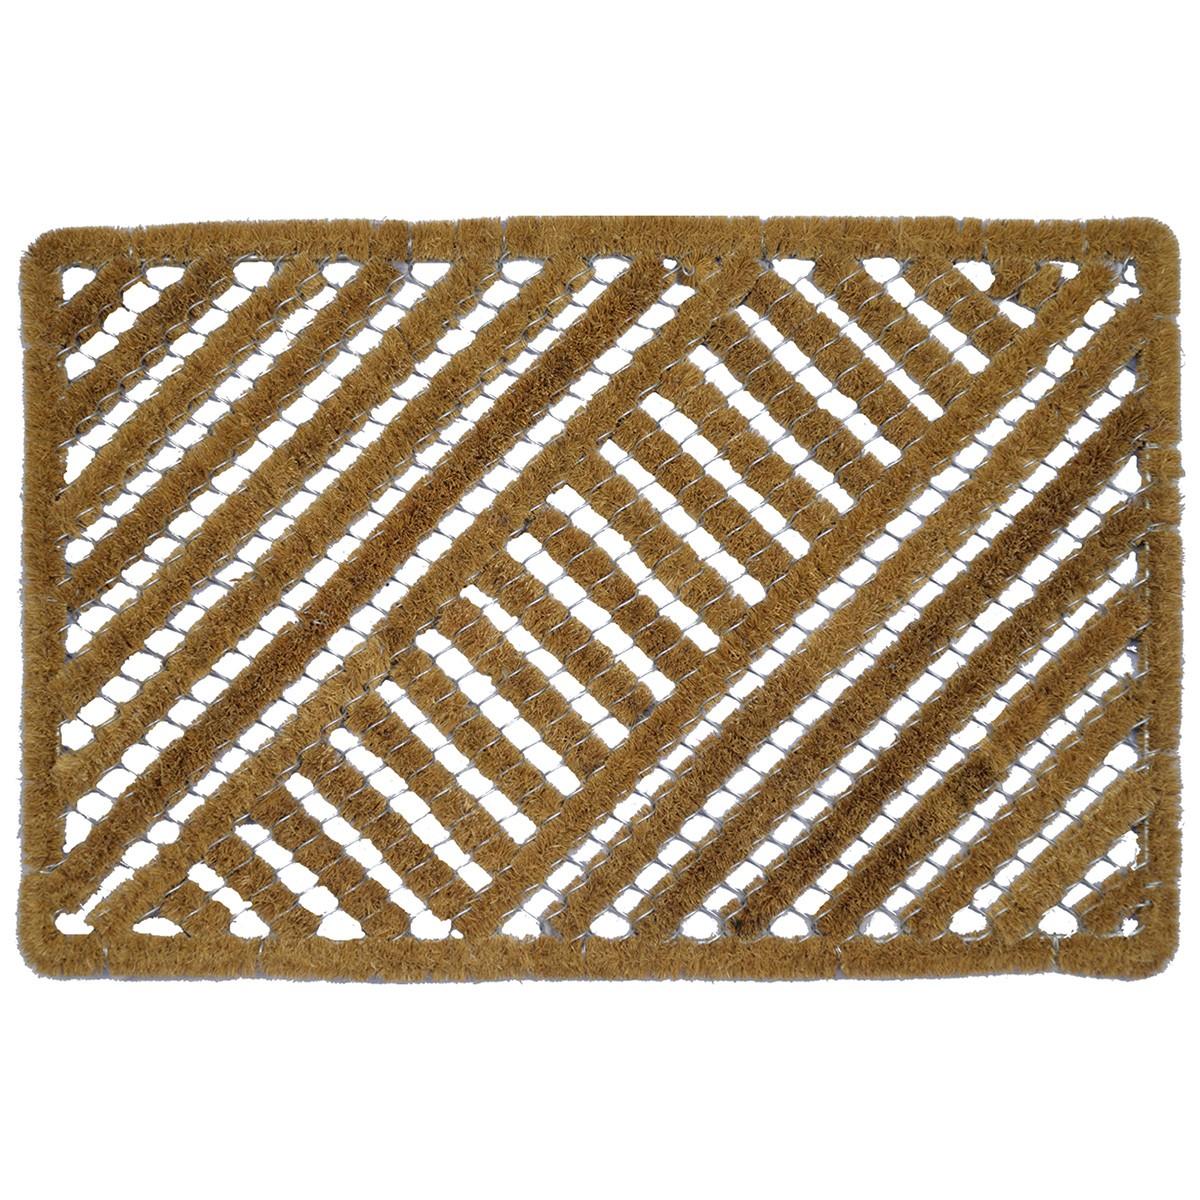 Maxwell Wired Coir Bootscraper Doormat, 80x50cm